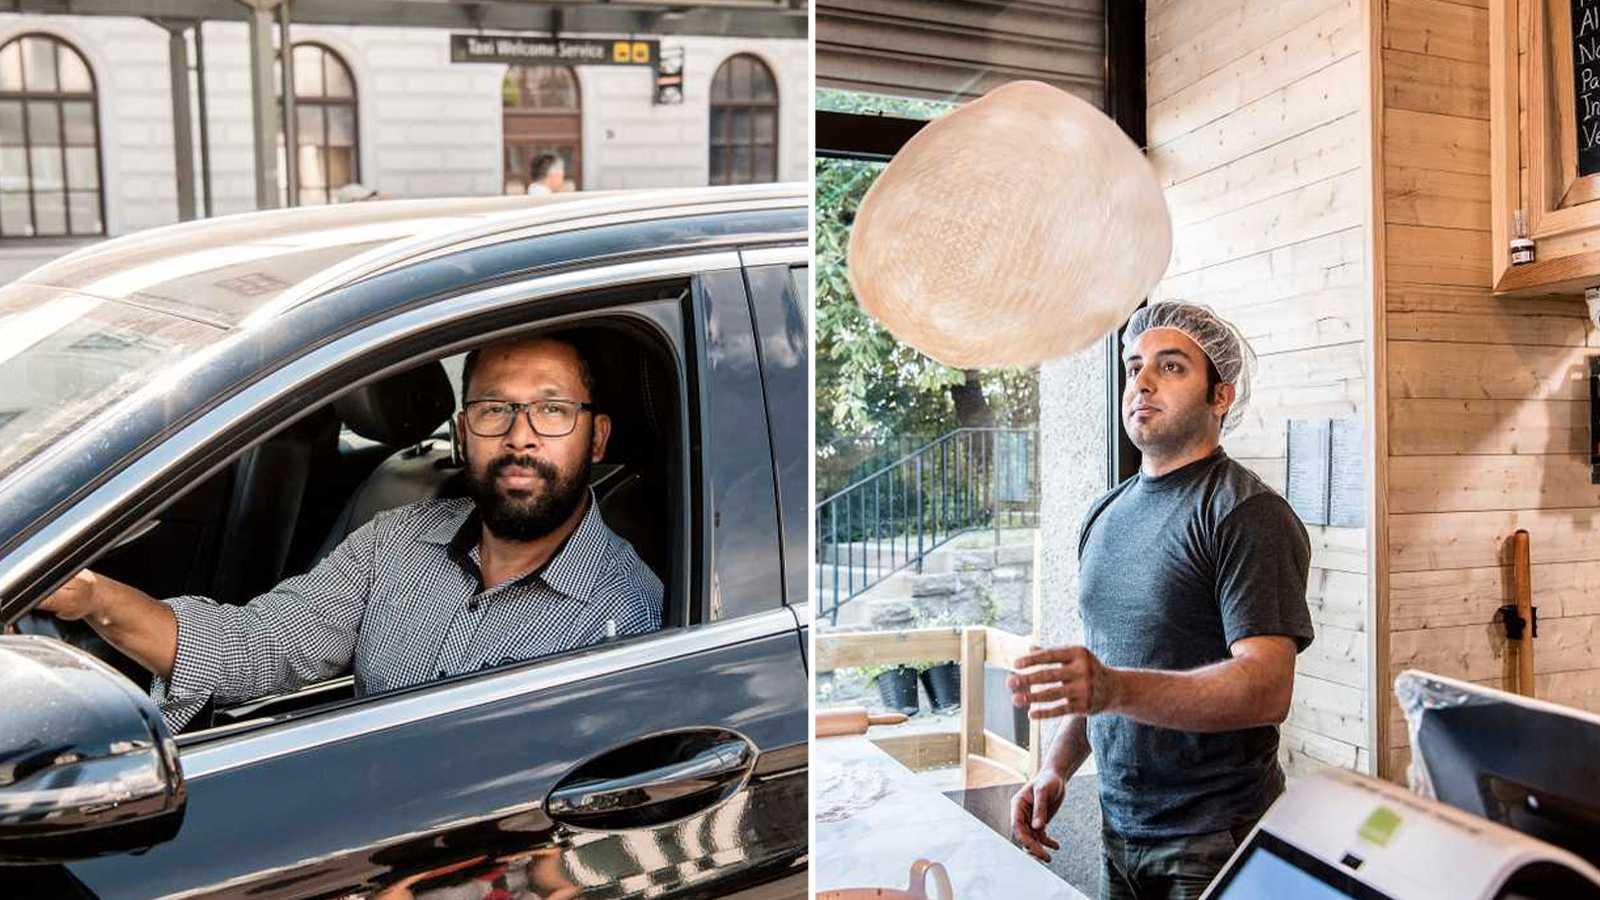 Pizzabagare och taxichaufförer mest coronasmittade yrkesgruppen